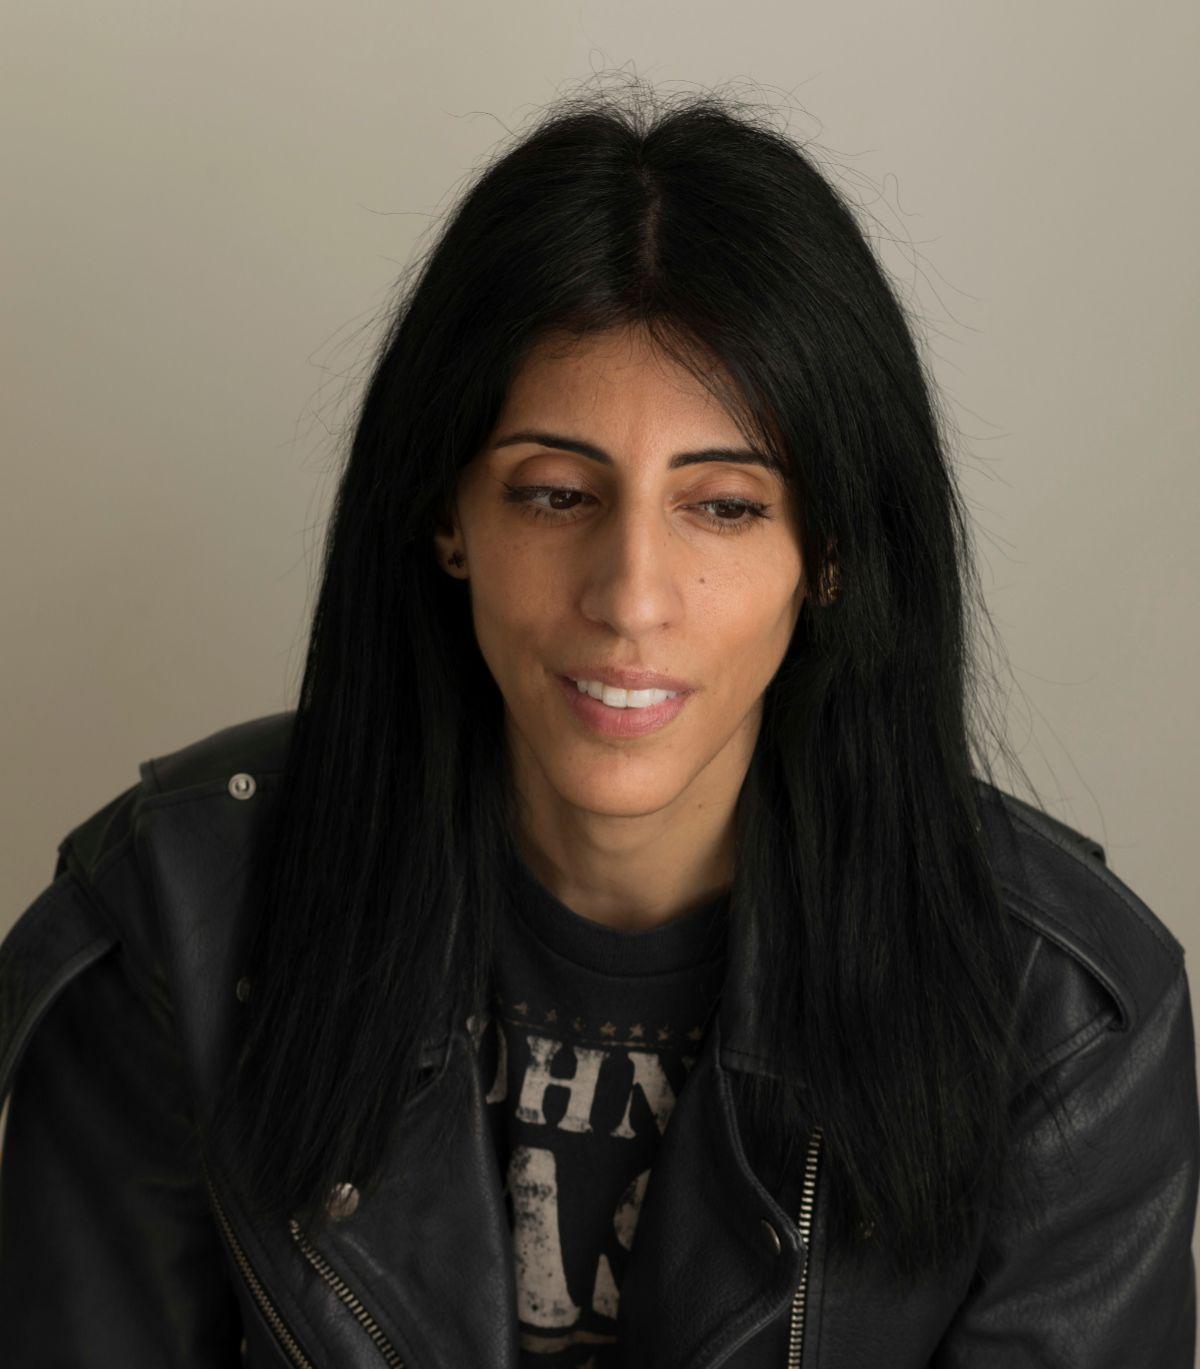 Ainhoa Rodriguez, la directora de la película lt;HIT gt;Destello lt;/HIT gt; Bravío